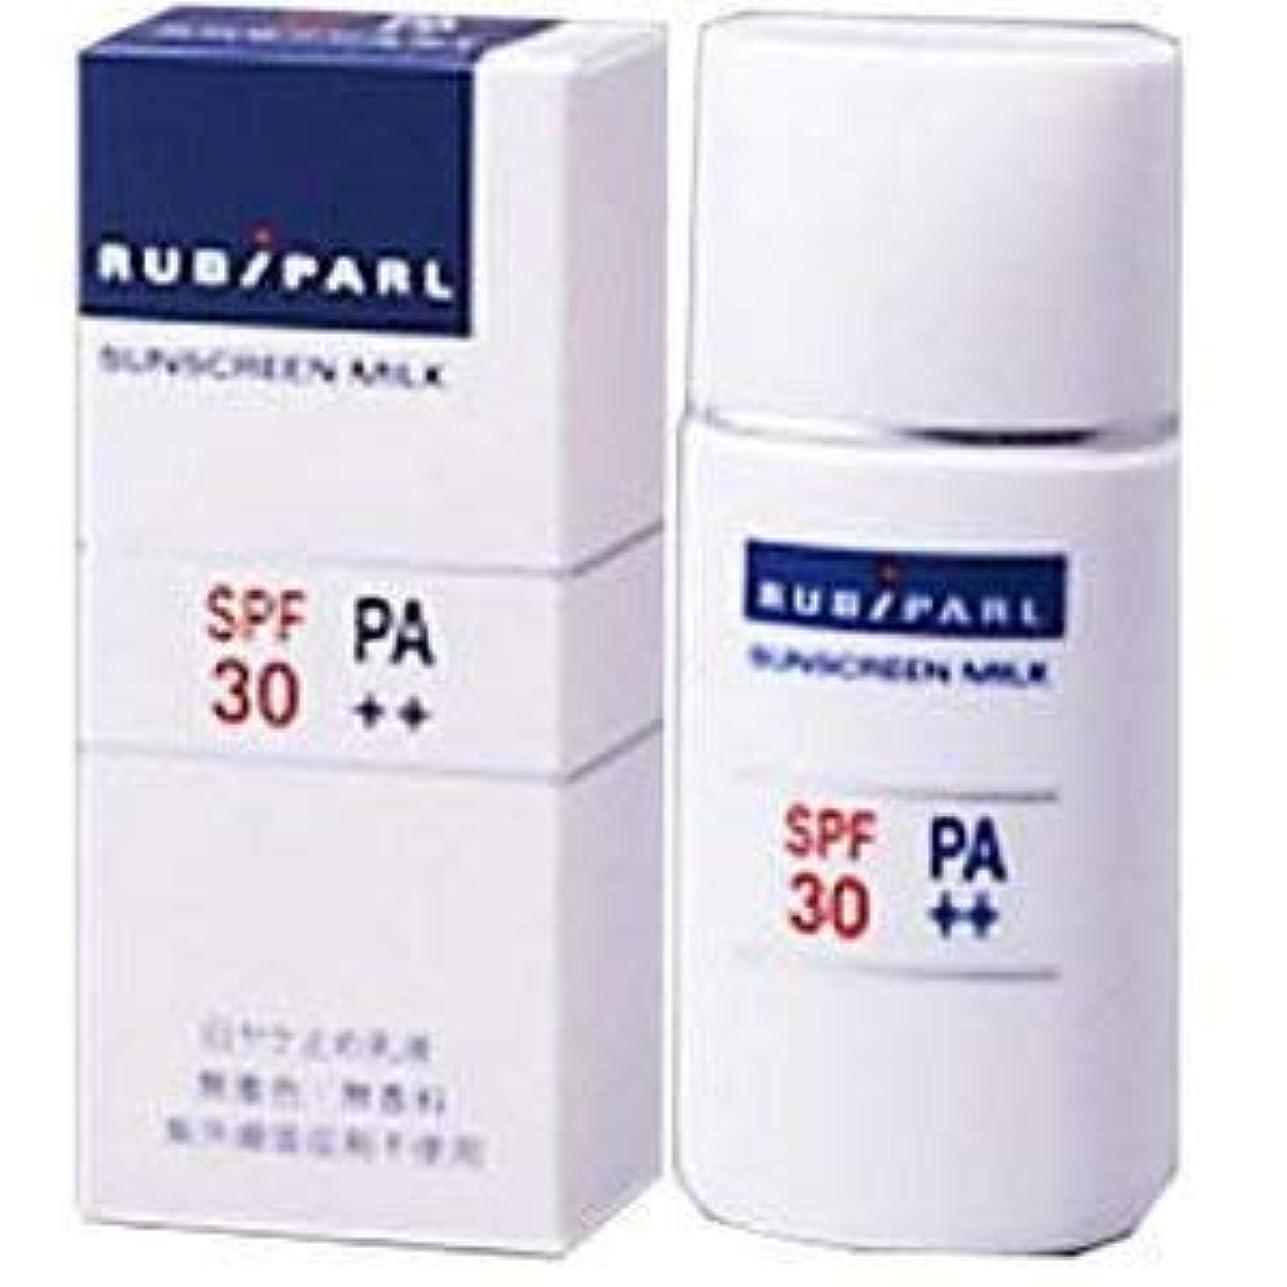 ノイズクラシカル時計回りルビパール サンスクリーンミルク 日ヤケ止め乳液 SPF30 PA++ 30mLx3個セット